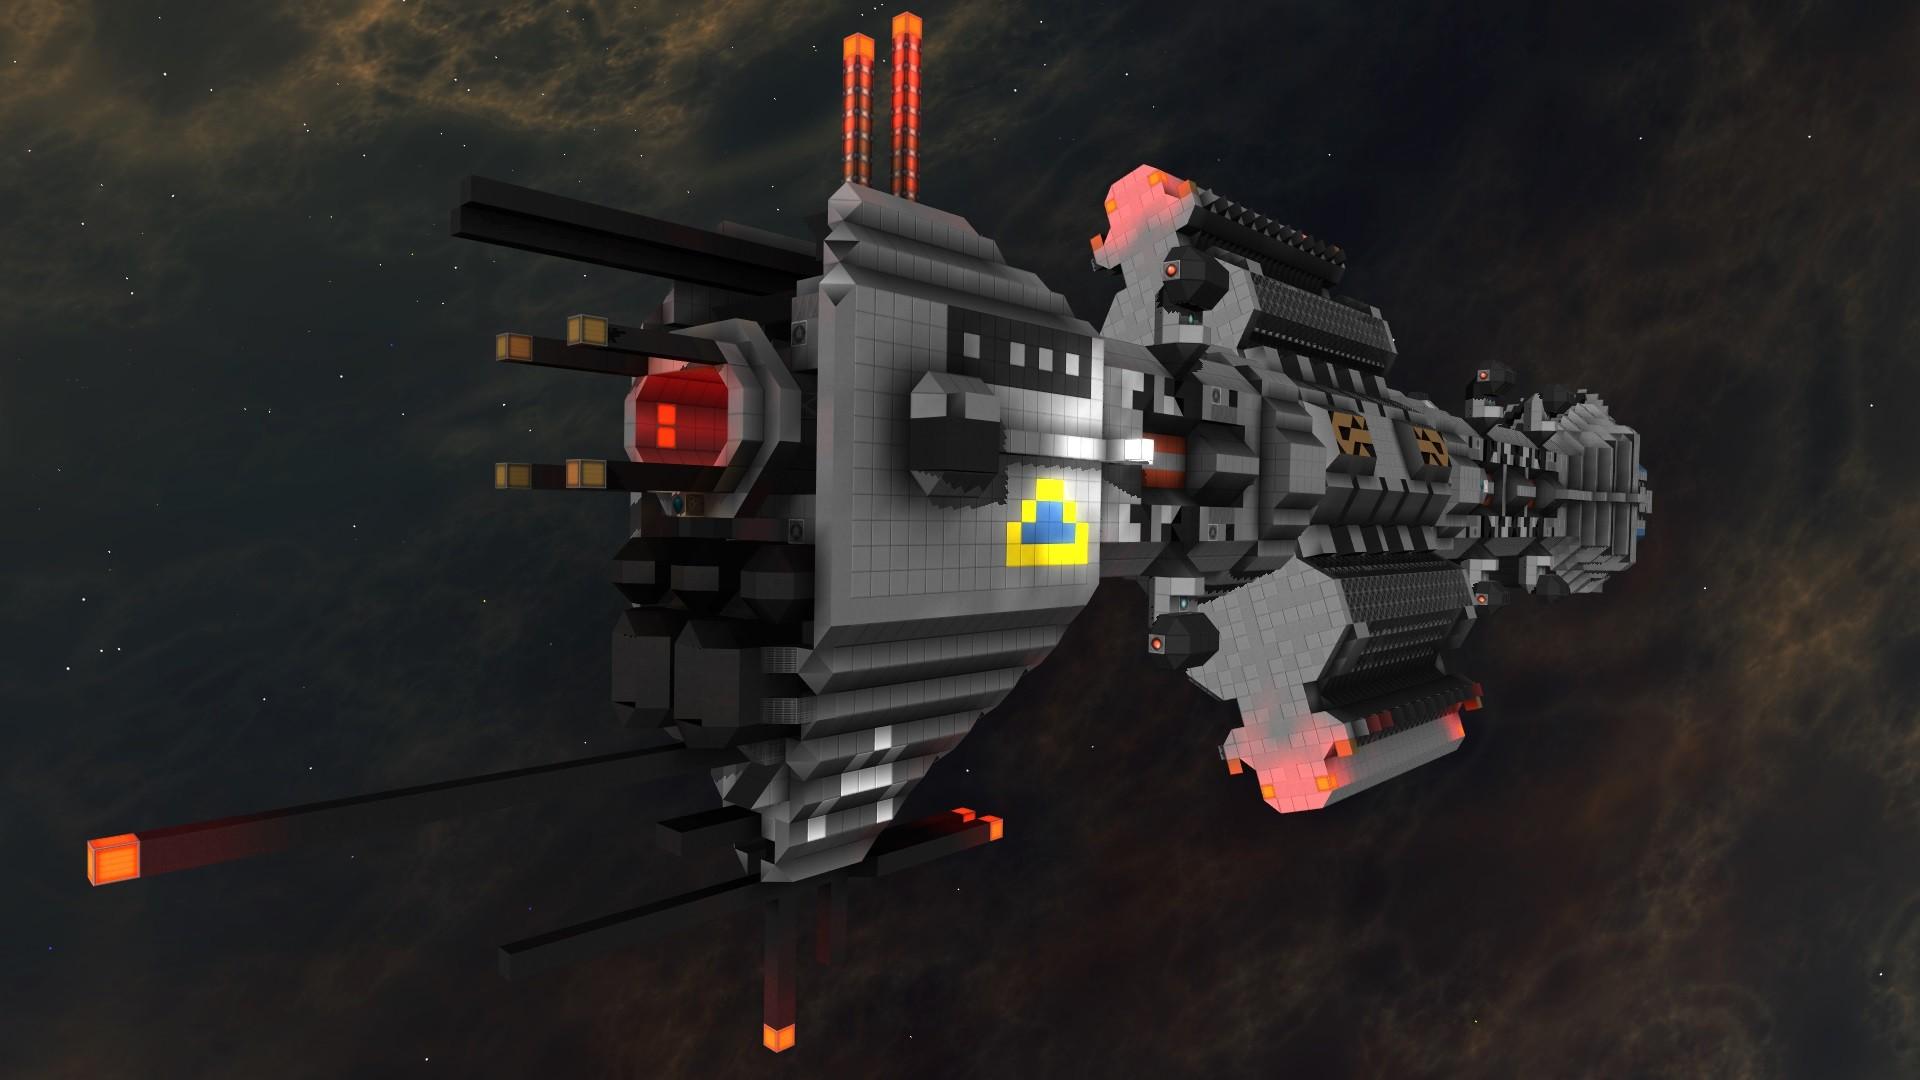 Babylon 5 Omega Destroyer | StarMade Dock on deep space 9 schematics, robotech schematics, andromeda ships schematics, stargate schematics, star trek space station schematics,